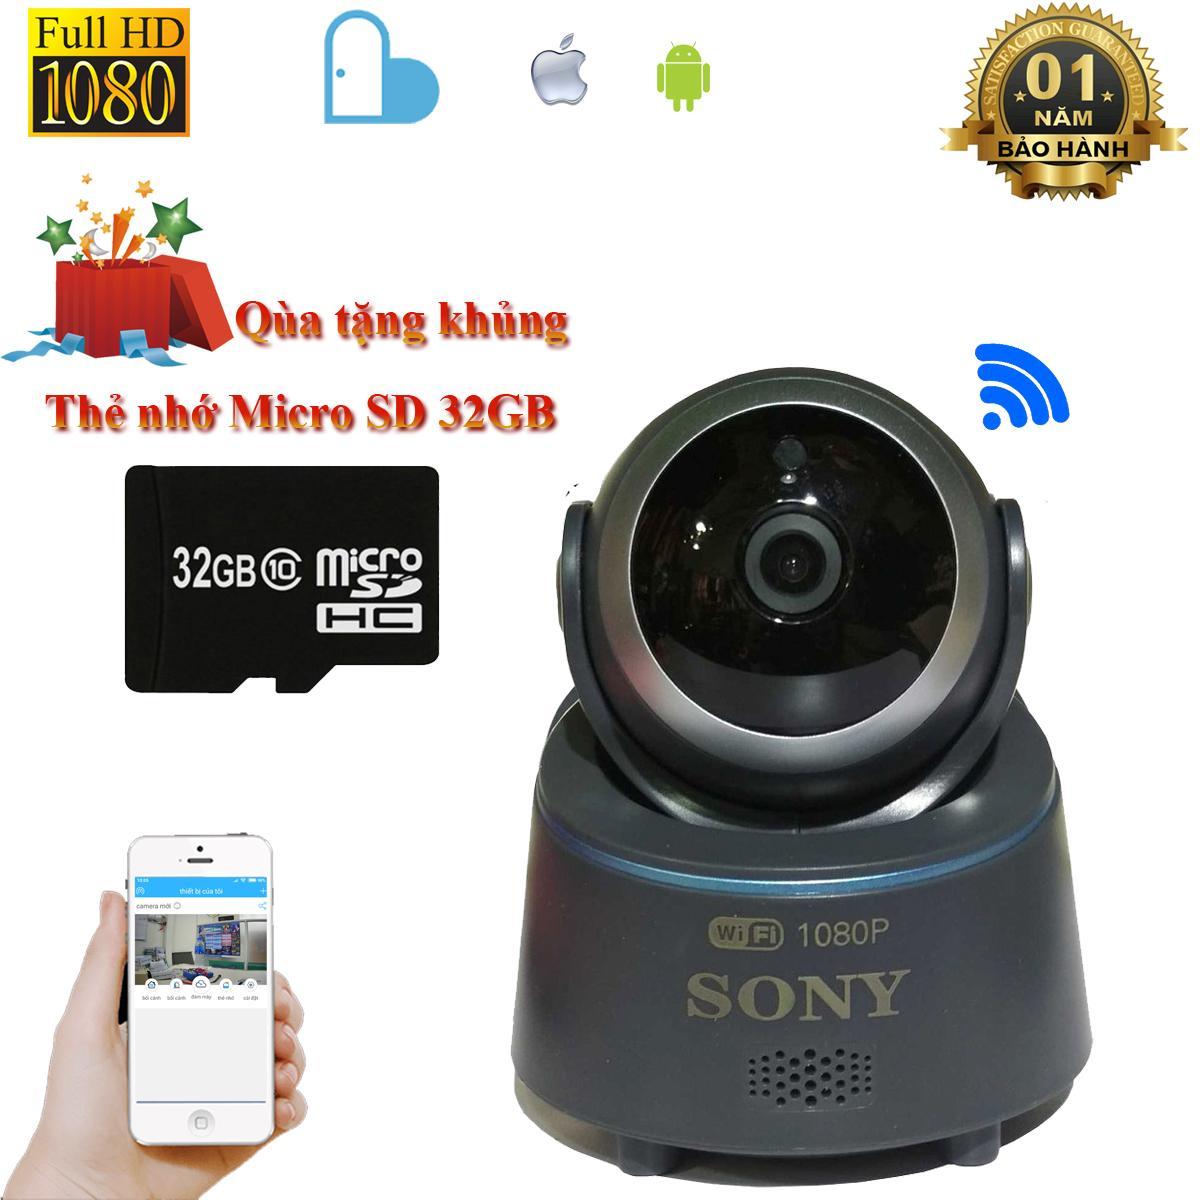 Camera wifi Sony FullHD1080 2.0 quay đêm hình ảnh sắc nét xem trực tiếp từ xa qua điện thoại Android...